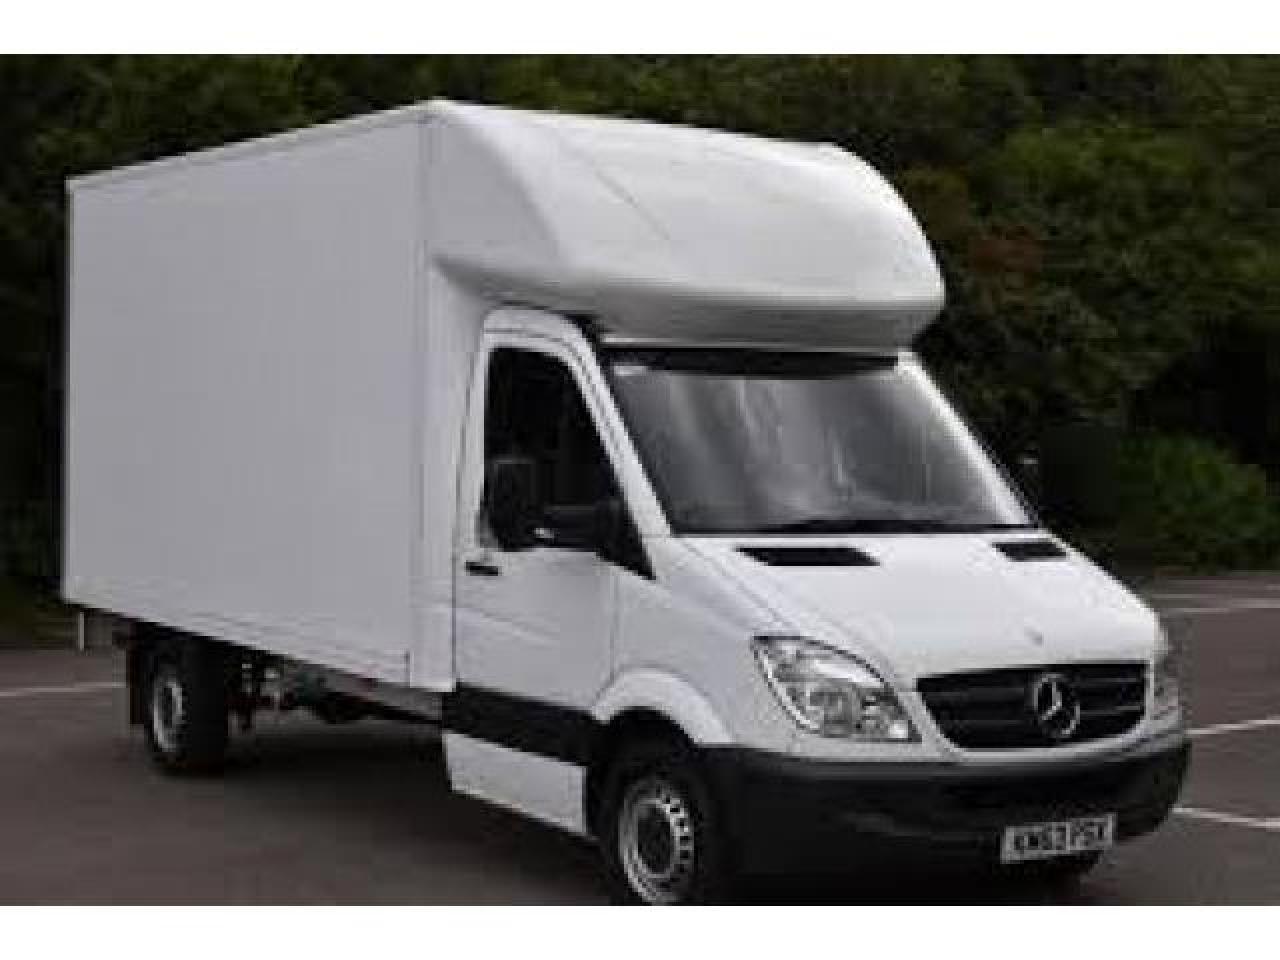 Перевозки и переезды, Mercedes Sprinter Luton Van, London, UK, EU - 1